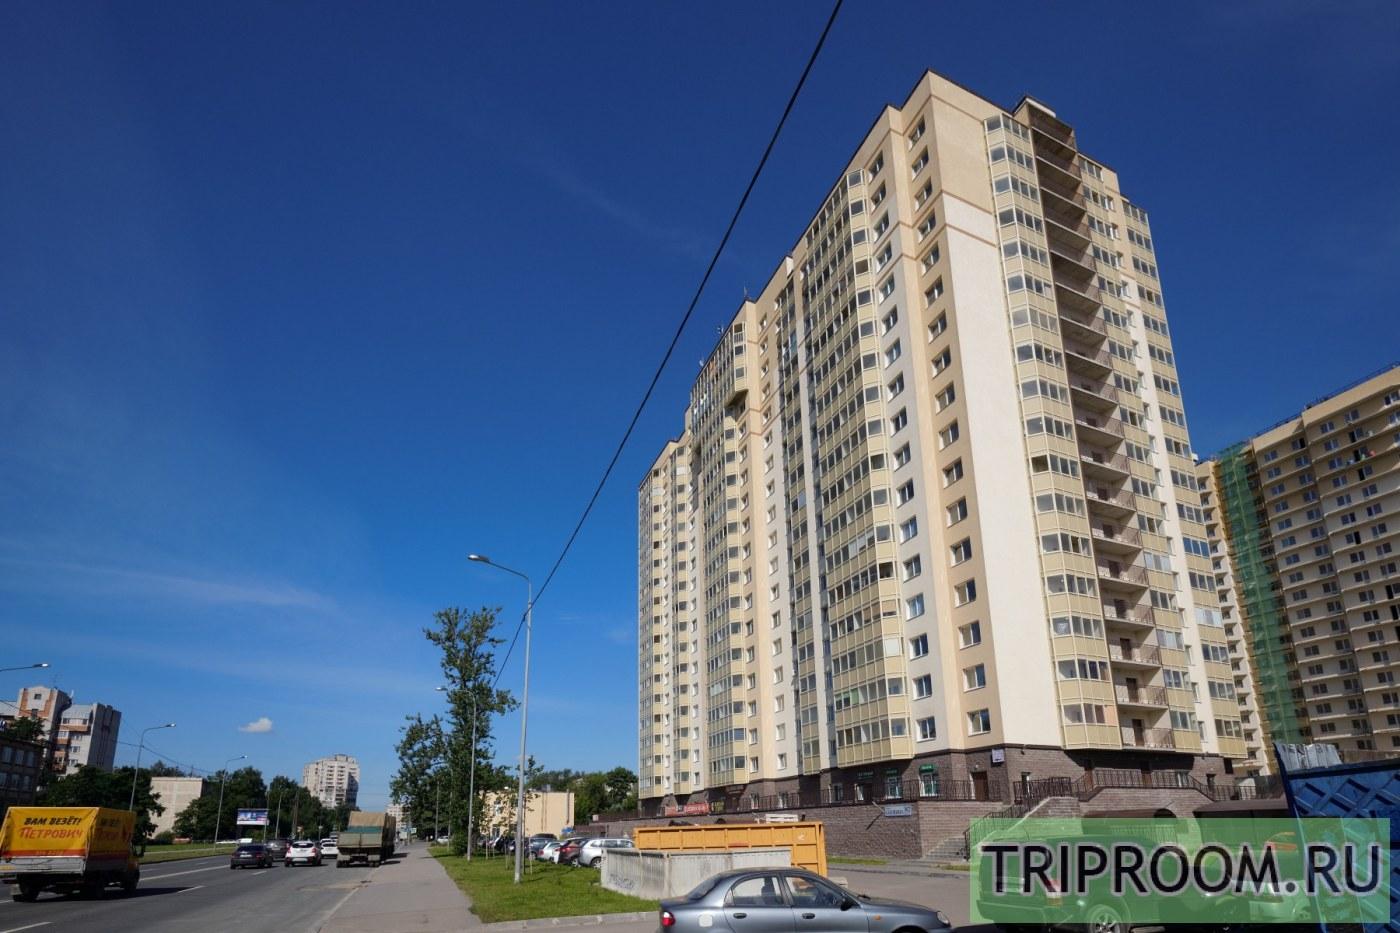 1-комнатная квартира посуточно (вариант № 22818), ул. Бабушкина улица, фото № 41